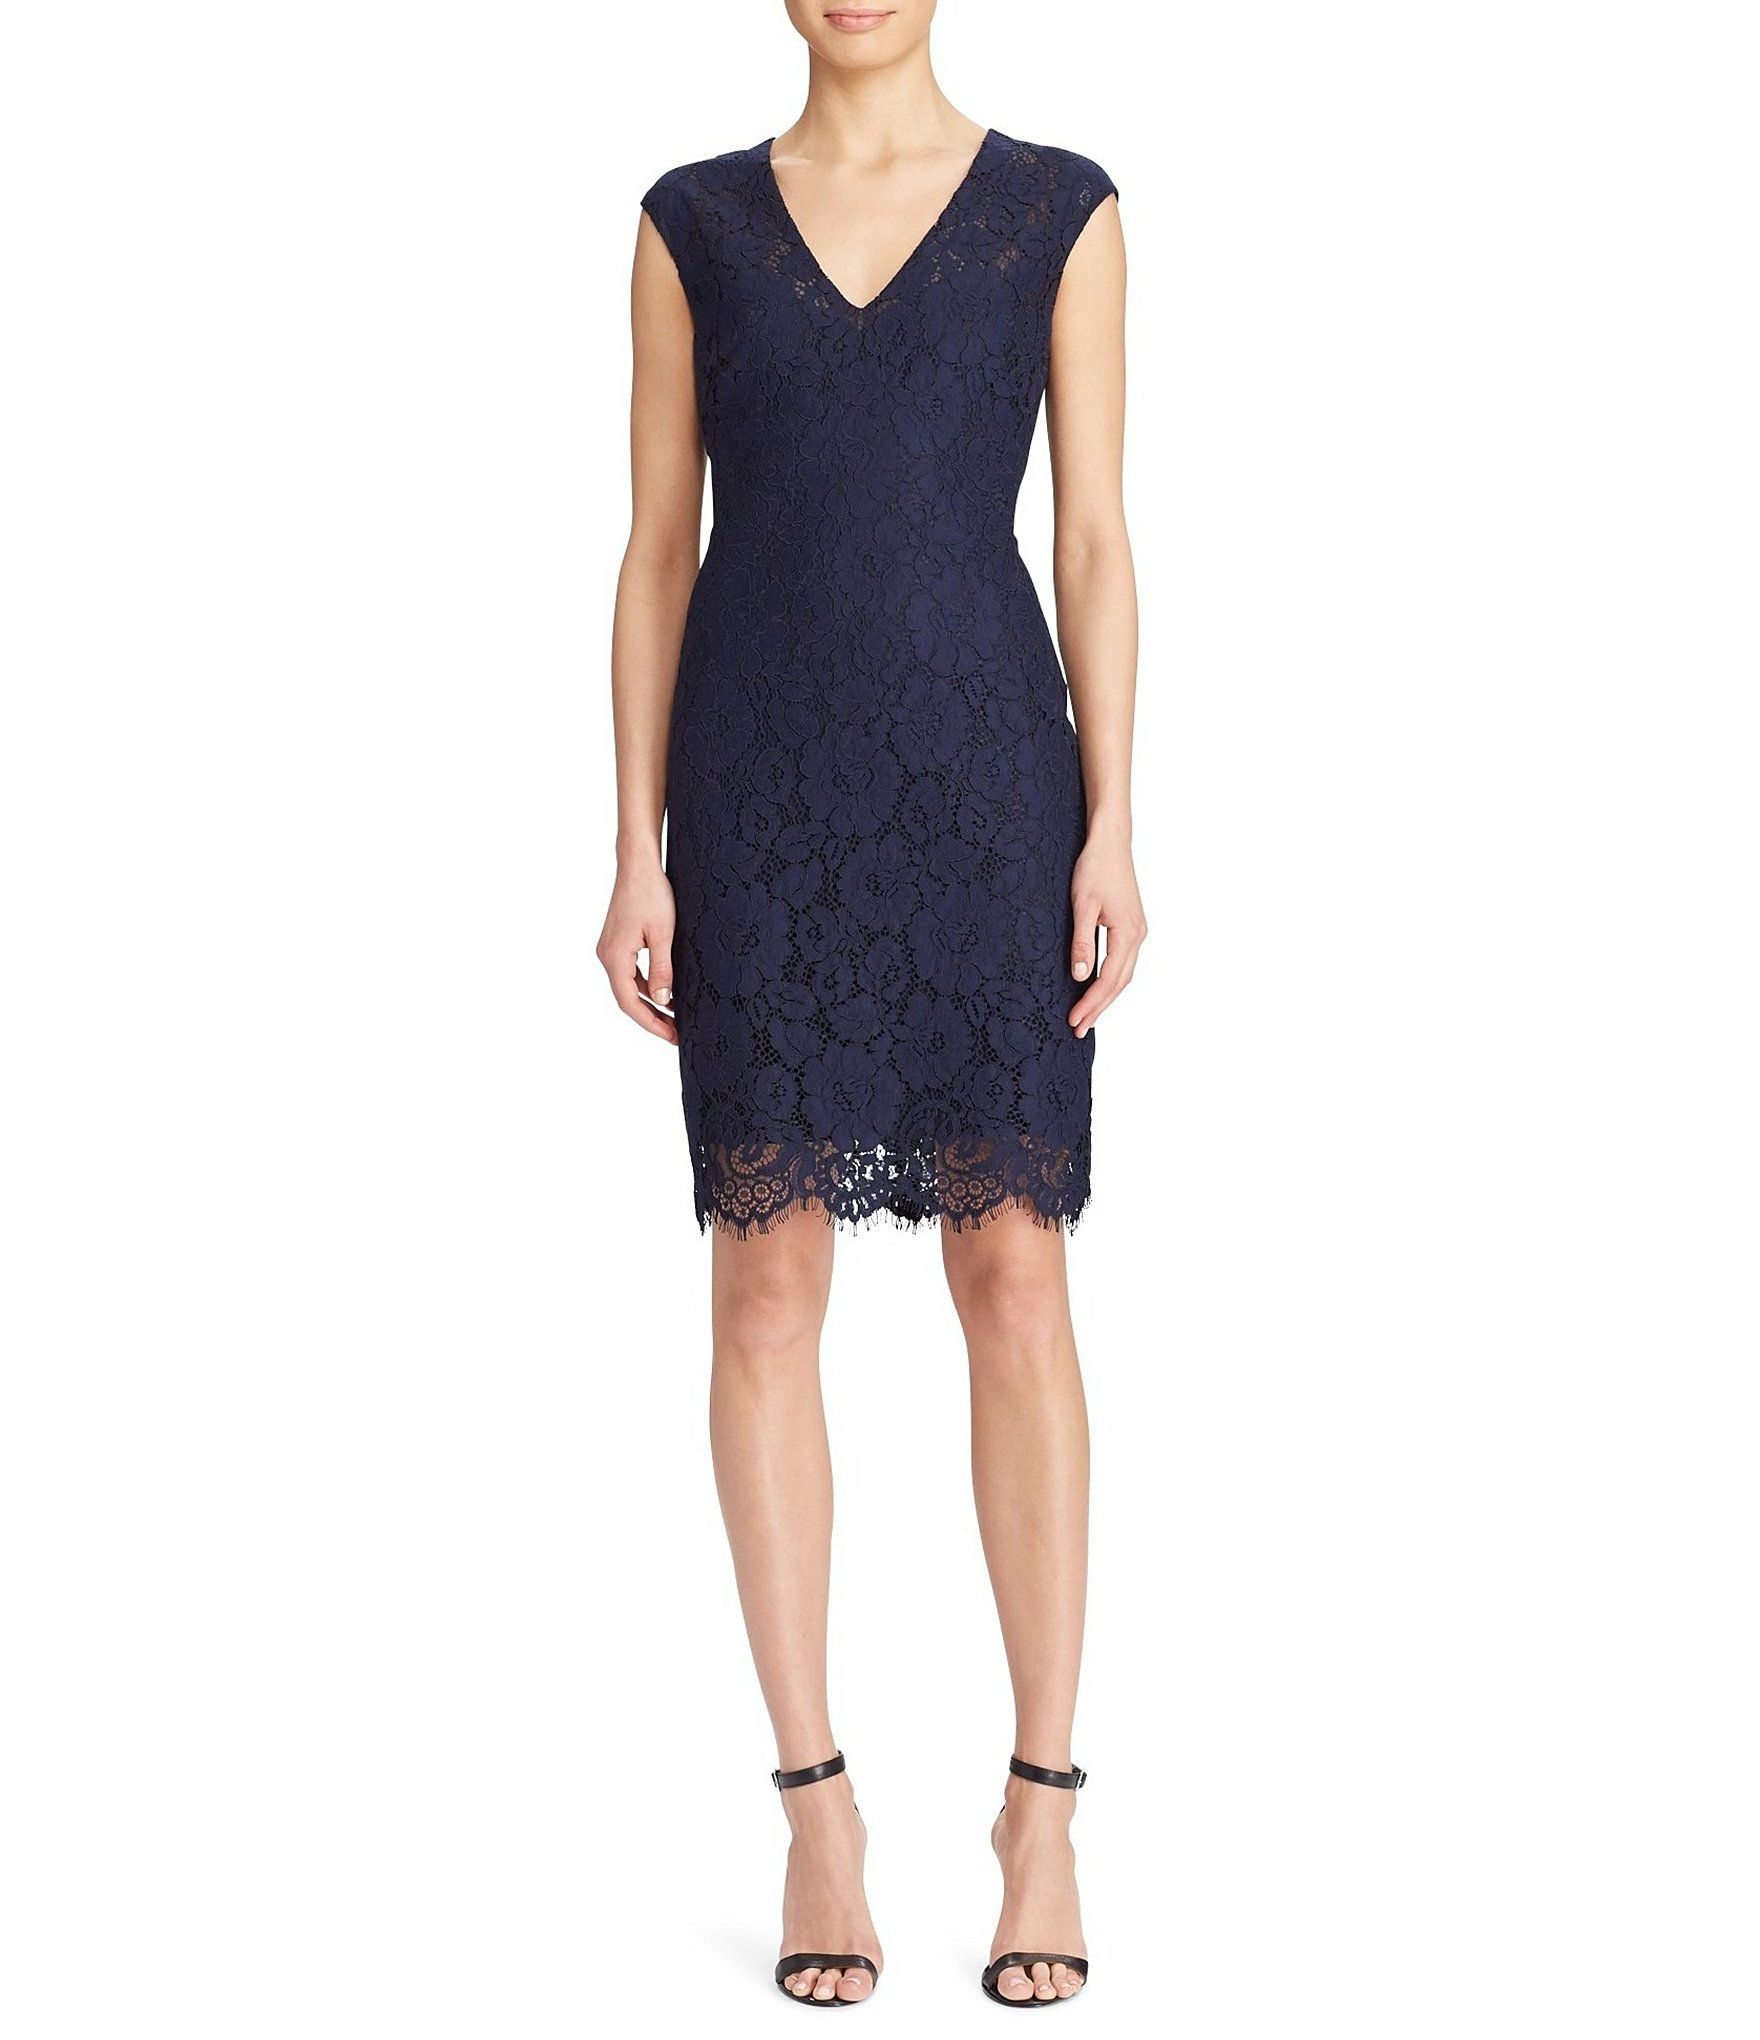 194fd8bbf5c Shop for Lauren Ralph Lauren Lace V-Neck Dress at Dillards.com. Visit  Dillards.com to find clothing